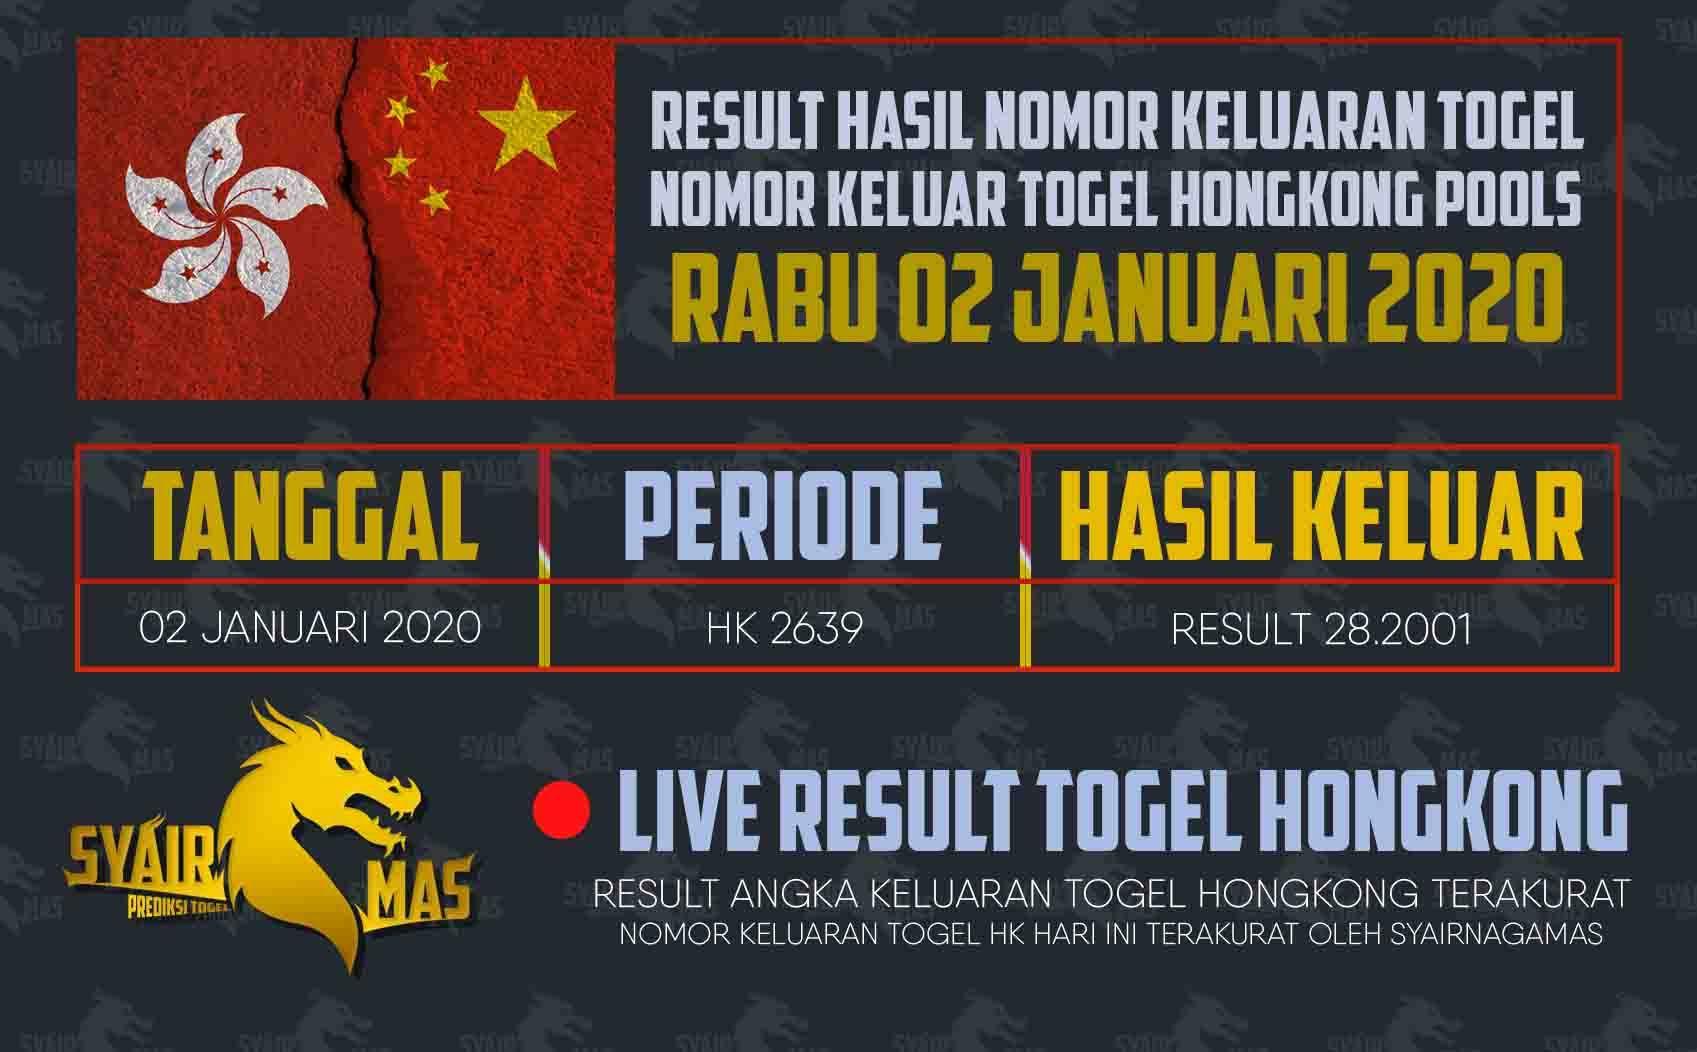 Hasil Keluaran Angka Togel Hongkong Hari Ini Live Result Prize